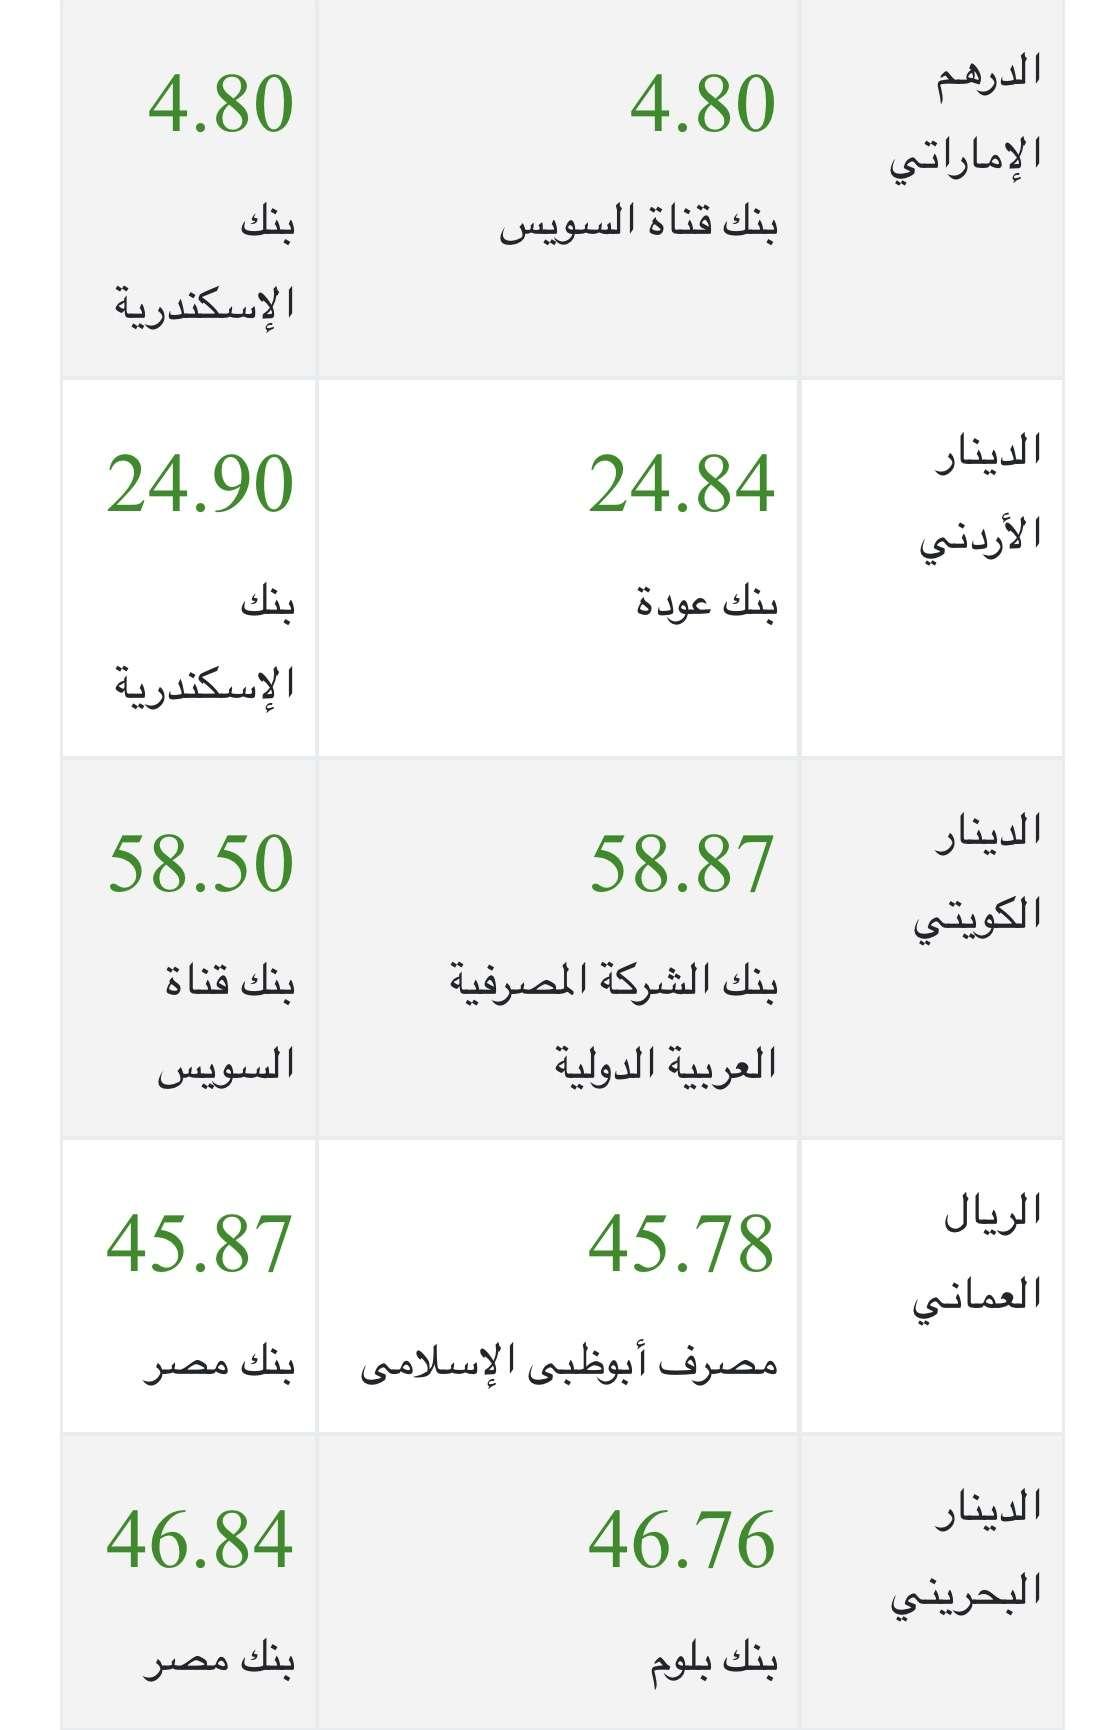 أسعار العملات العربية والأجنبية اليوم الثلاثاء 27-2-2018 في البنوك والسوق السوداء